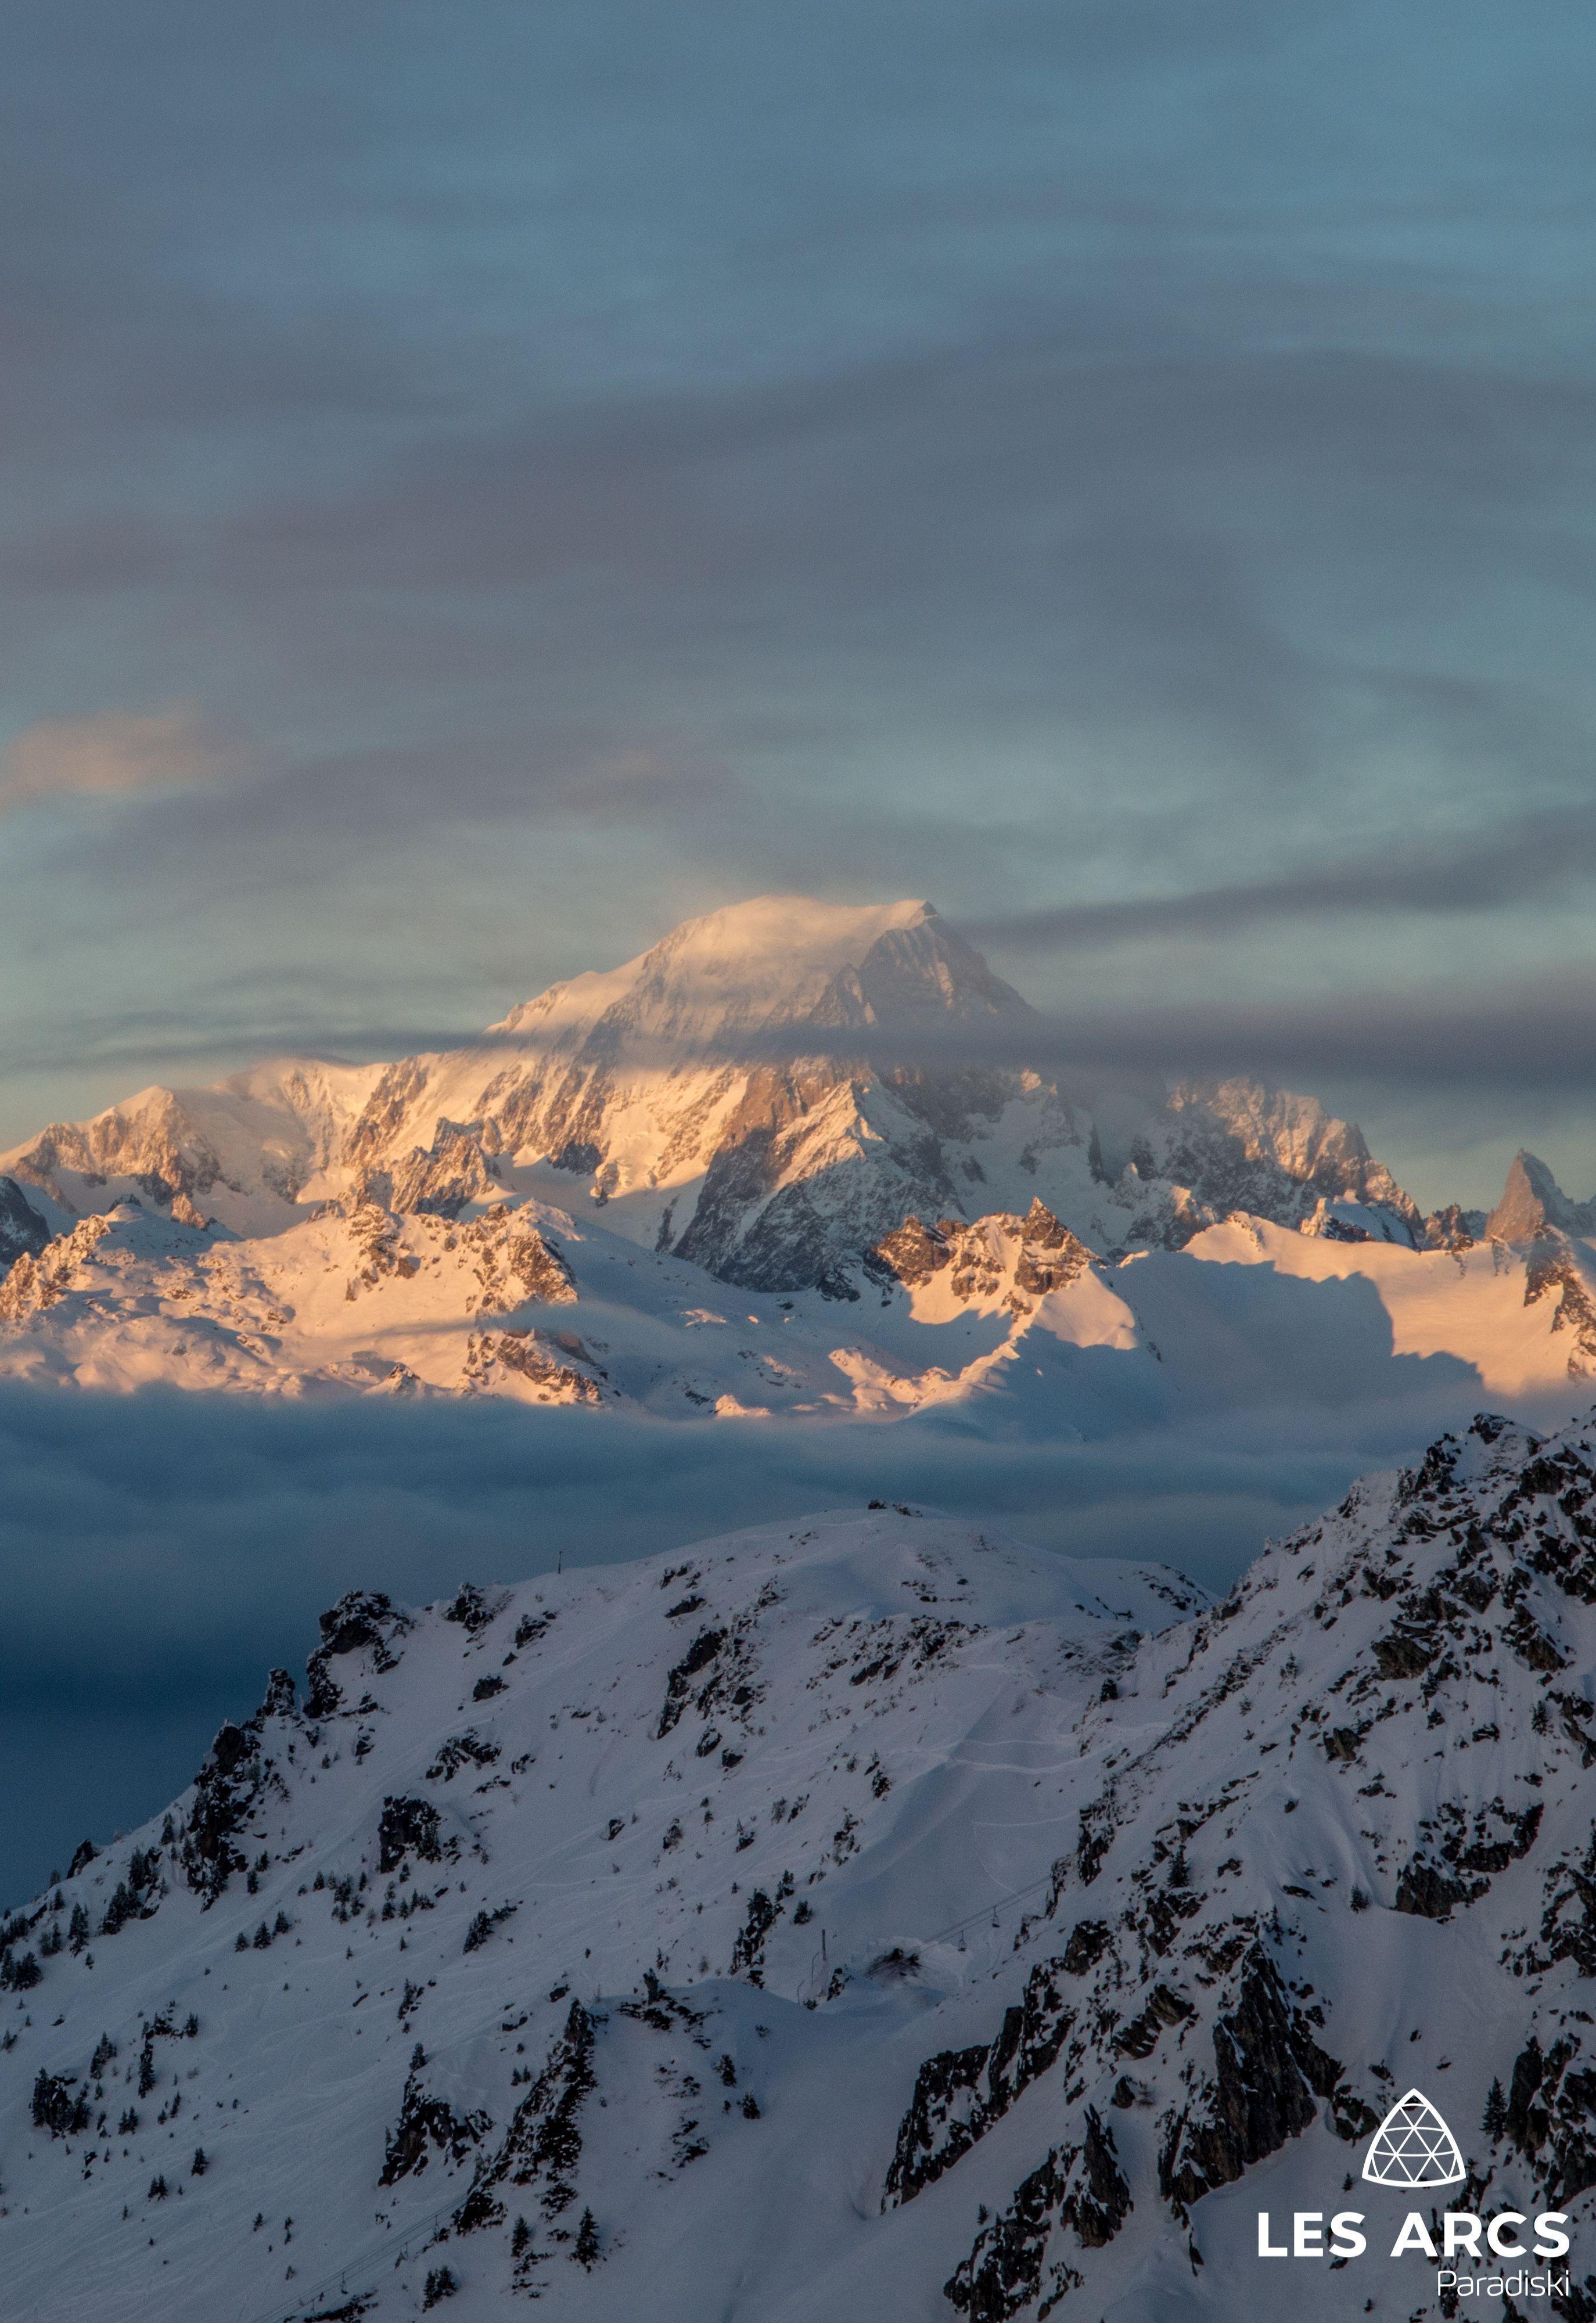 En Hiver Terminez Votre Journee De Ski Par Un Coucher De Soleil Sur Le Mont Blanc Depuis Les Pi Paysage Hiver Montagne Fond Ecran Montagne Paysage Montagne